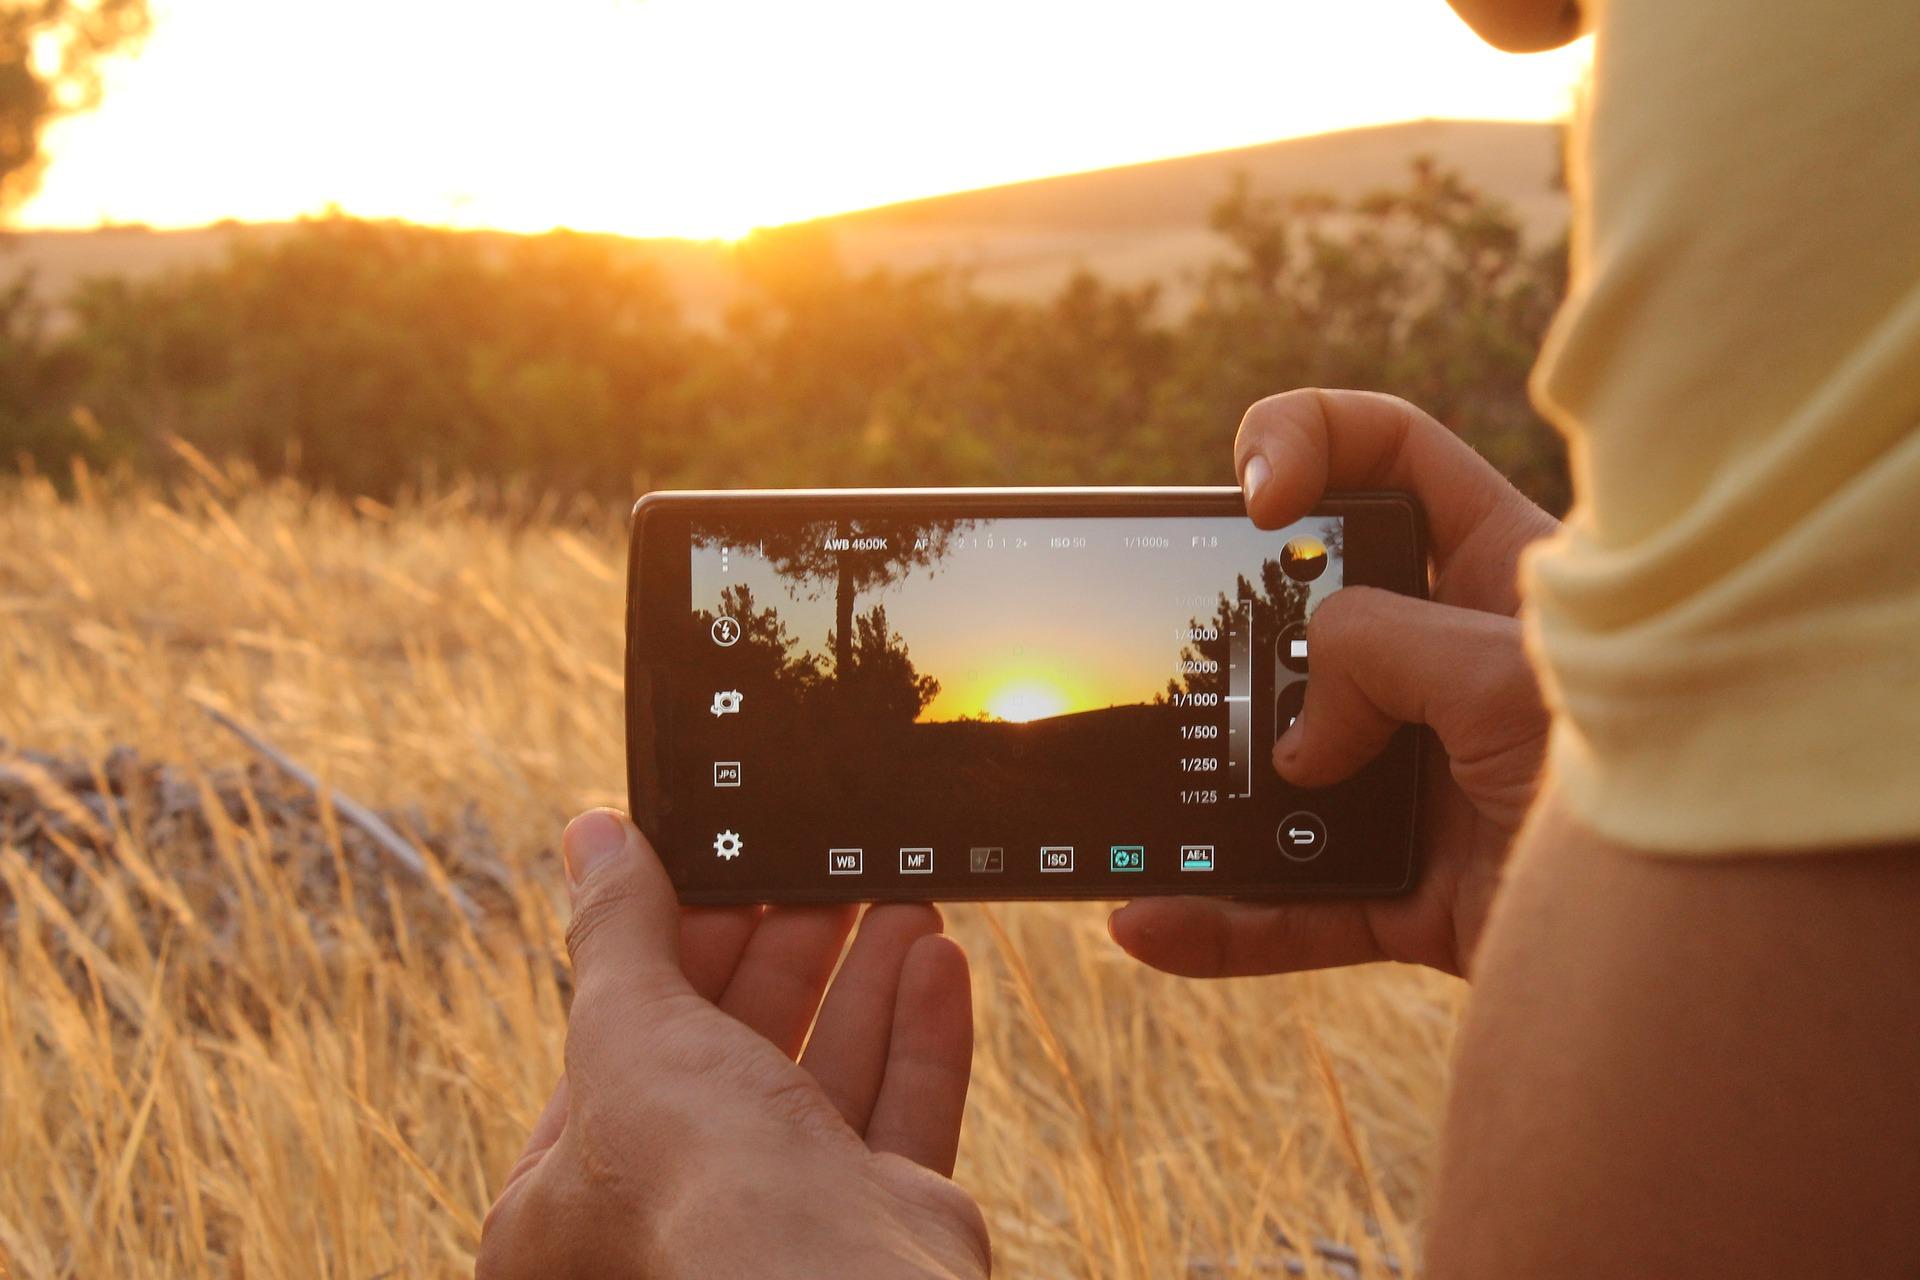 Filmen mit dem Smartphone